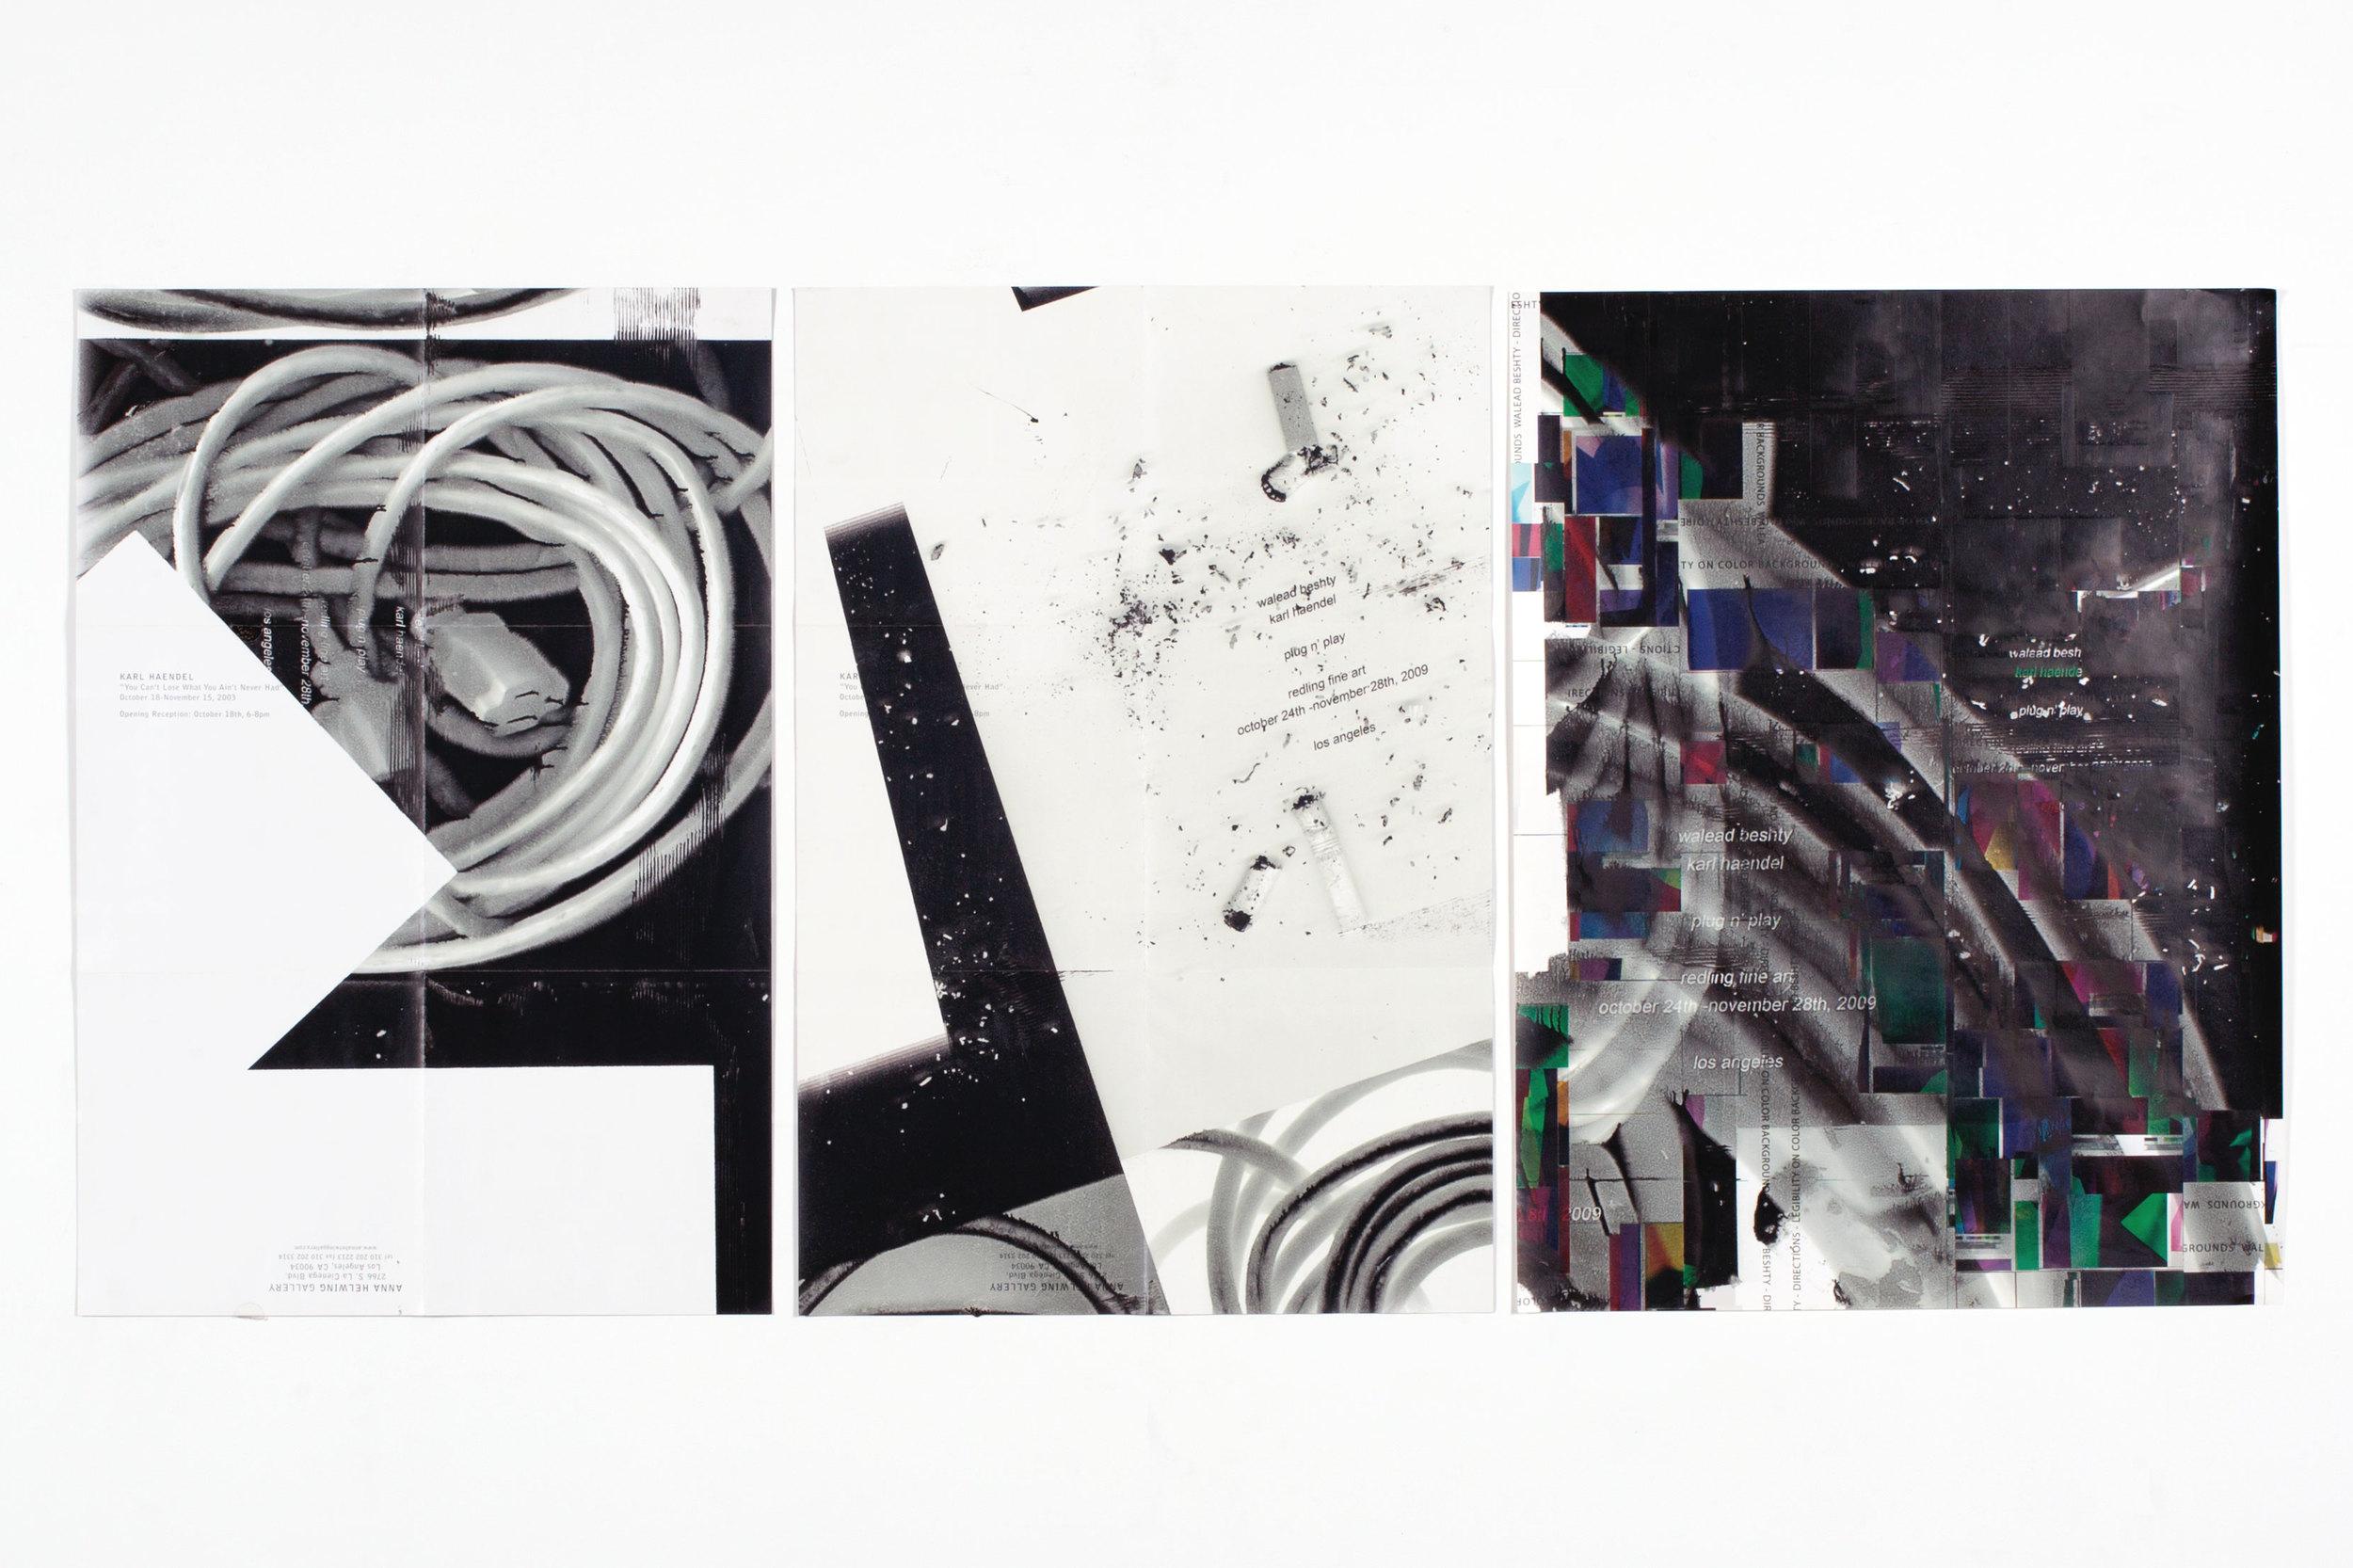 Plug n Play posters   With Karl Haendel  Redling Fine Art  Los Angeles  California  2009